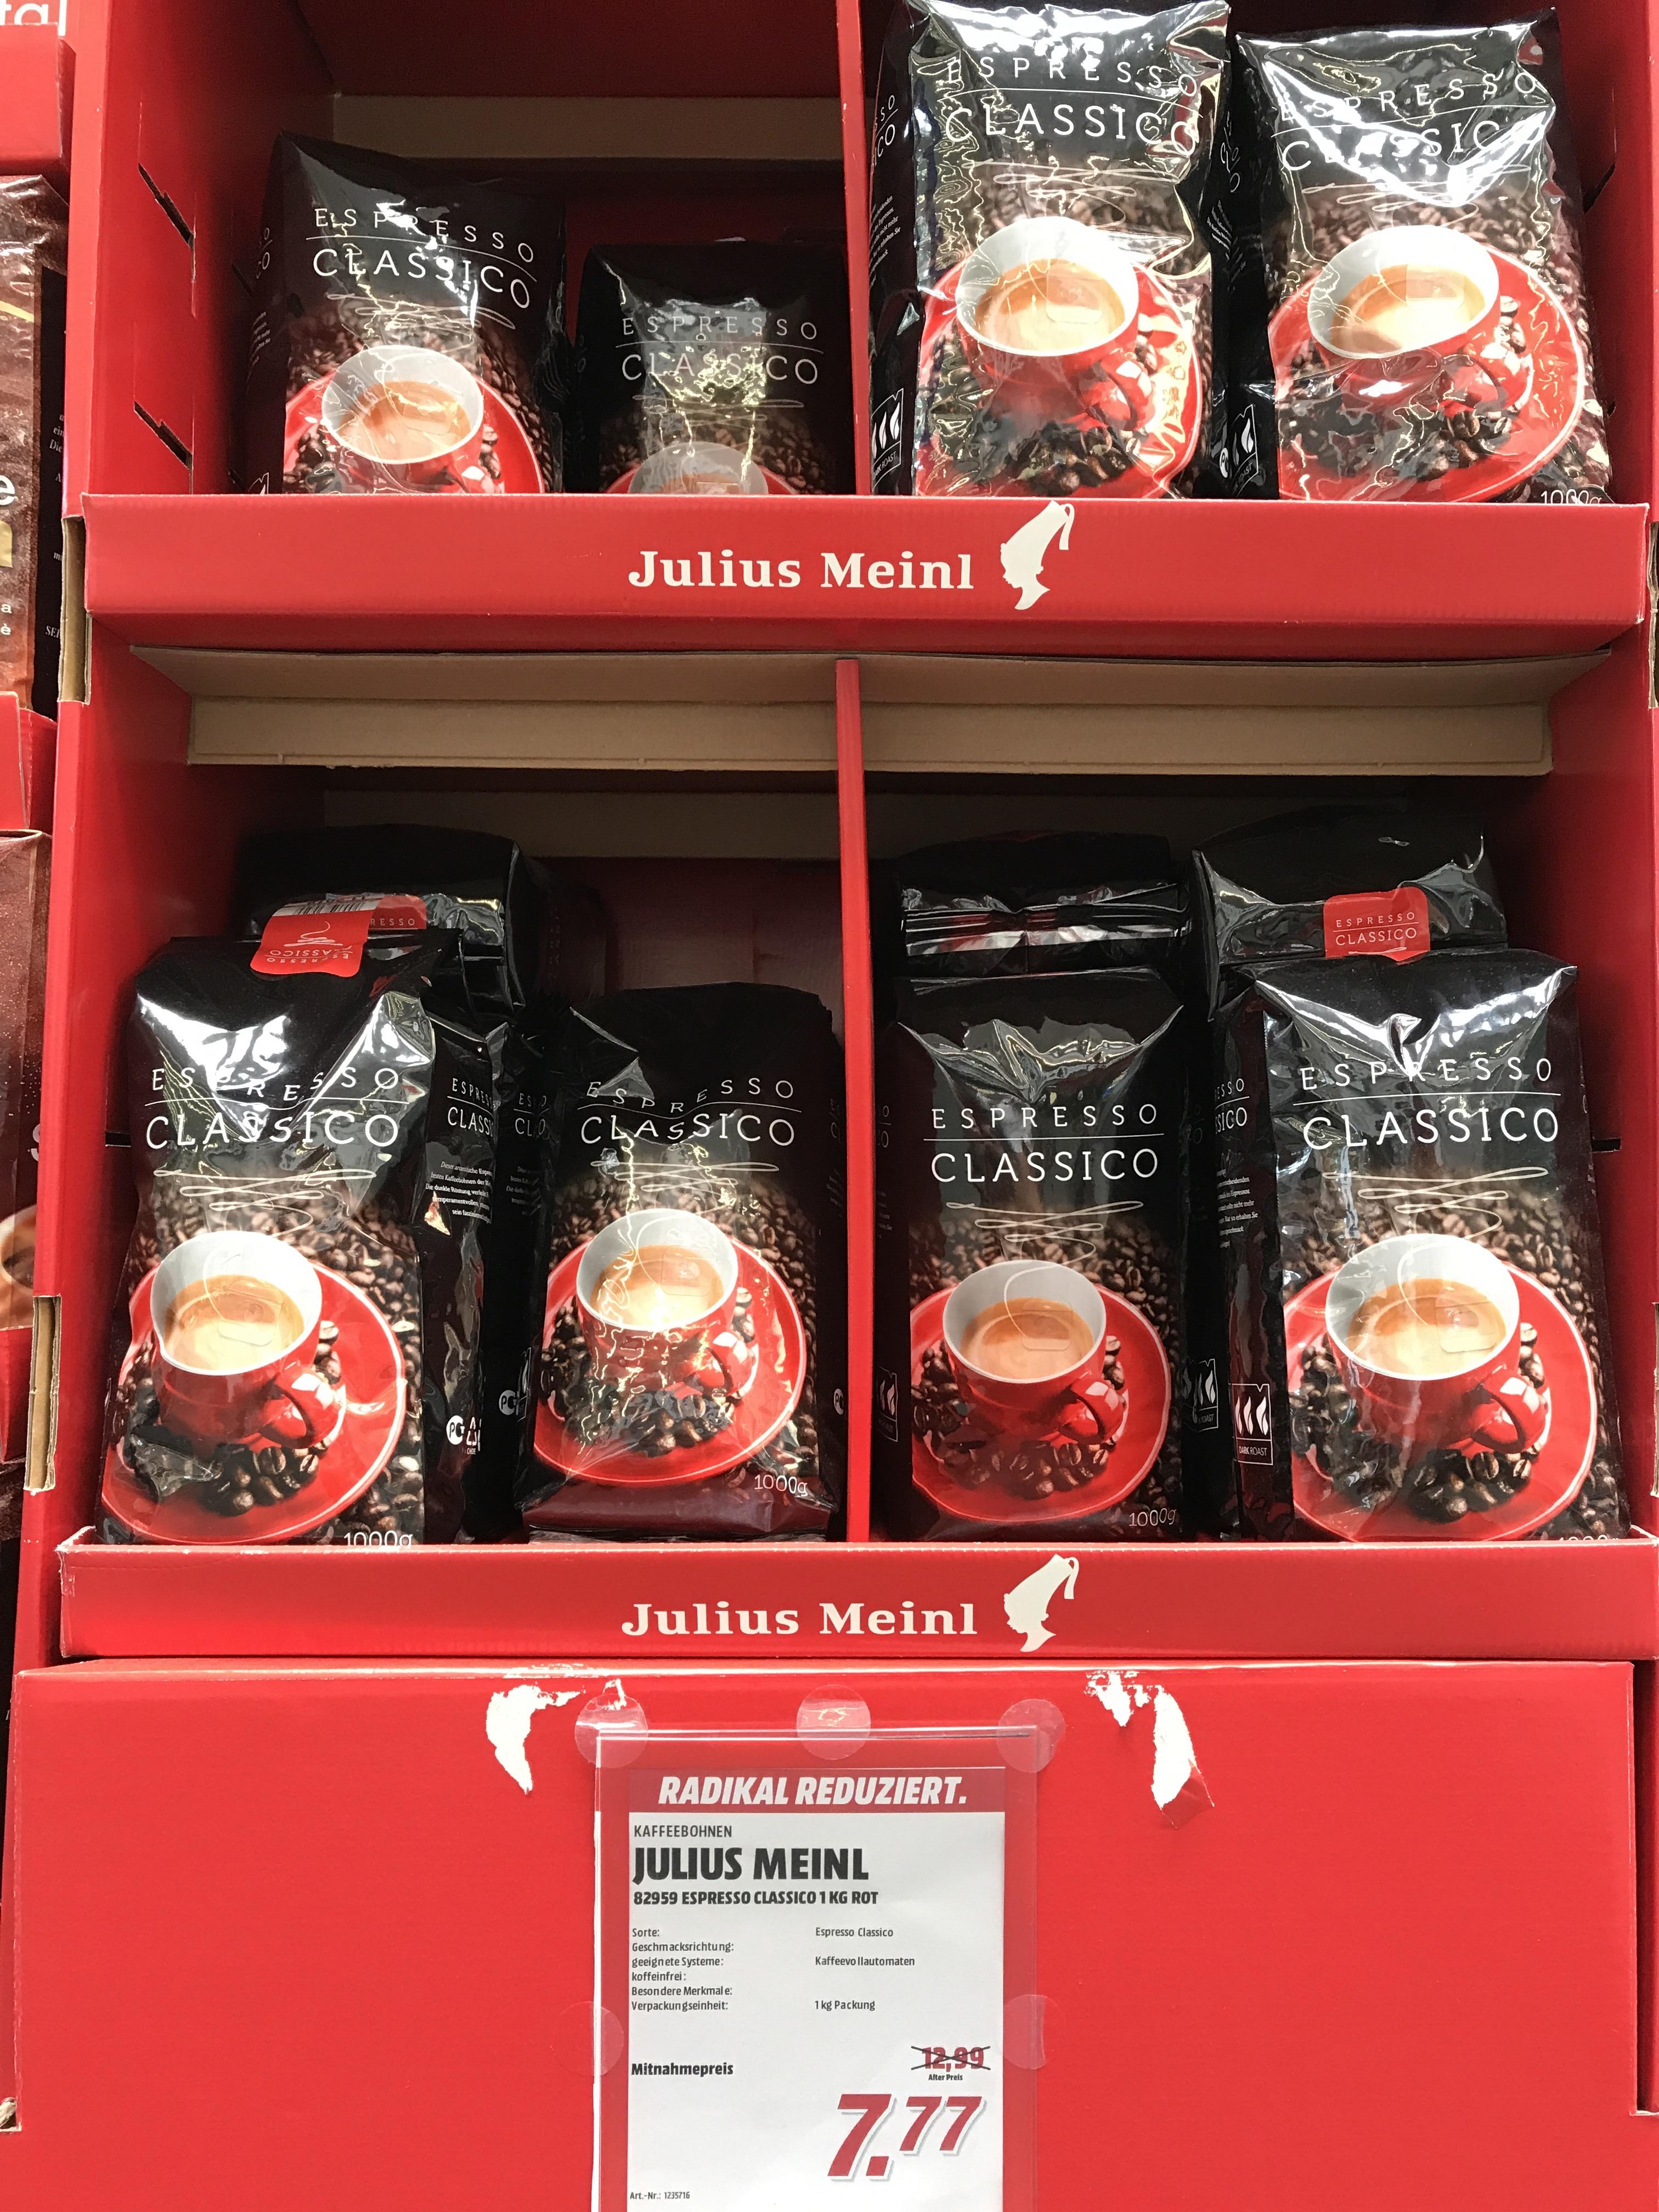 Media Markt SCS Vösendorf: Julius Meinl Espresso Classico (1kg) um 7,77 €